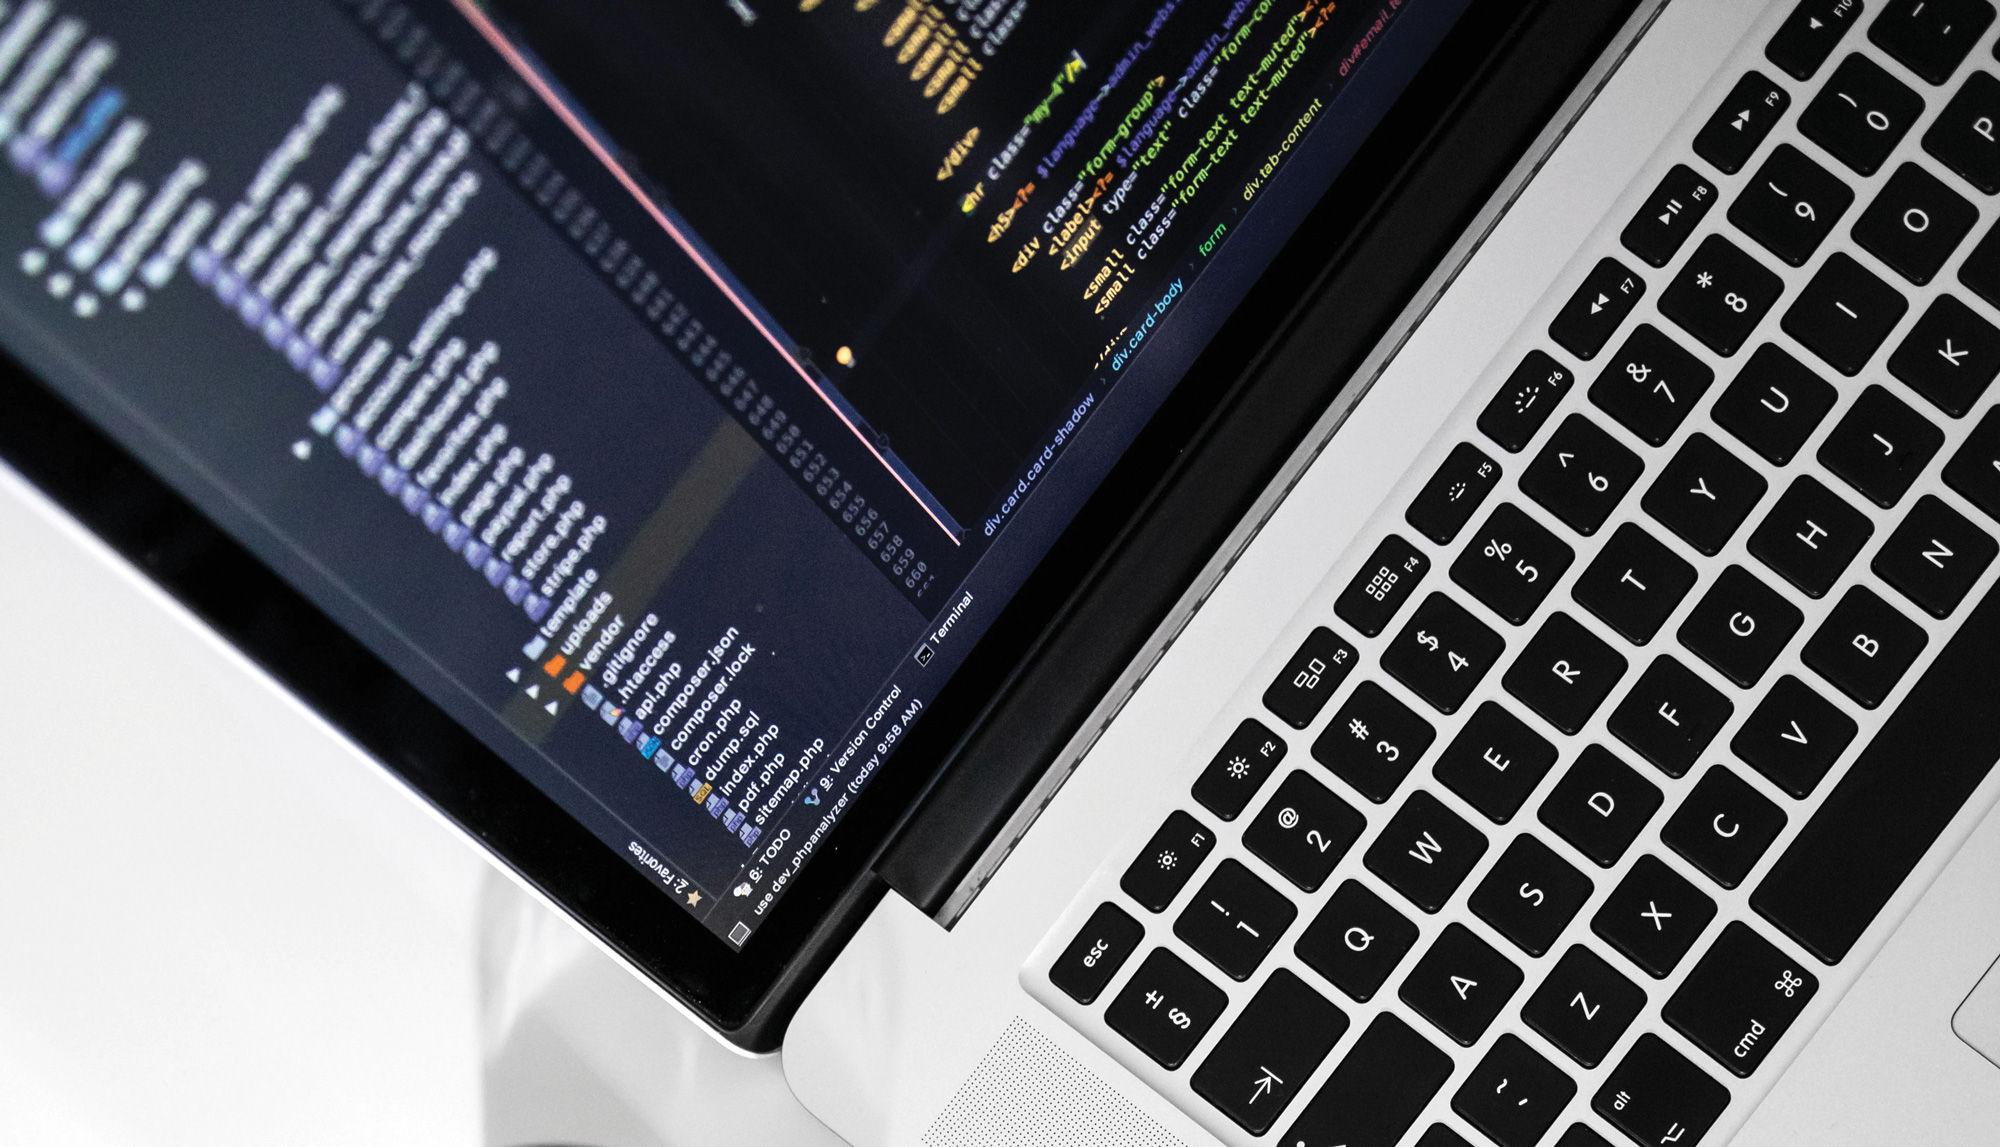 (디지털컨버전스) UI/UX디자인 웹퍼블리셔 &프론트엔드 개발자 양성과정